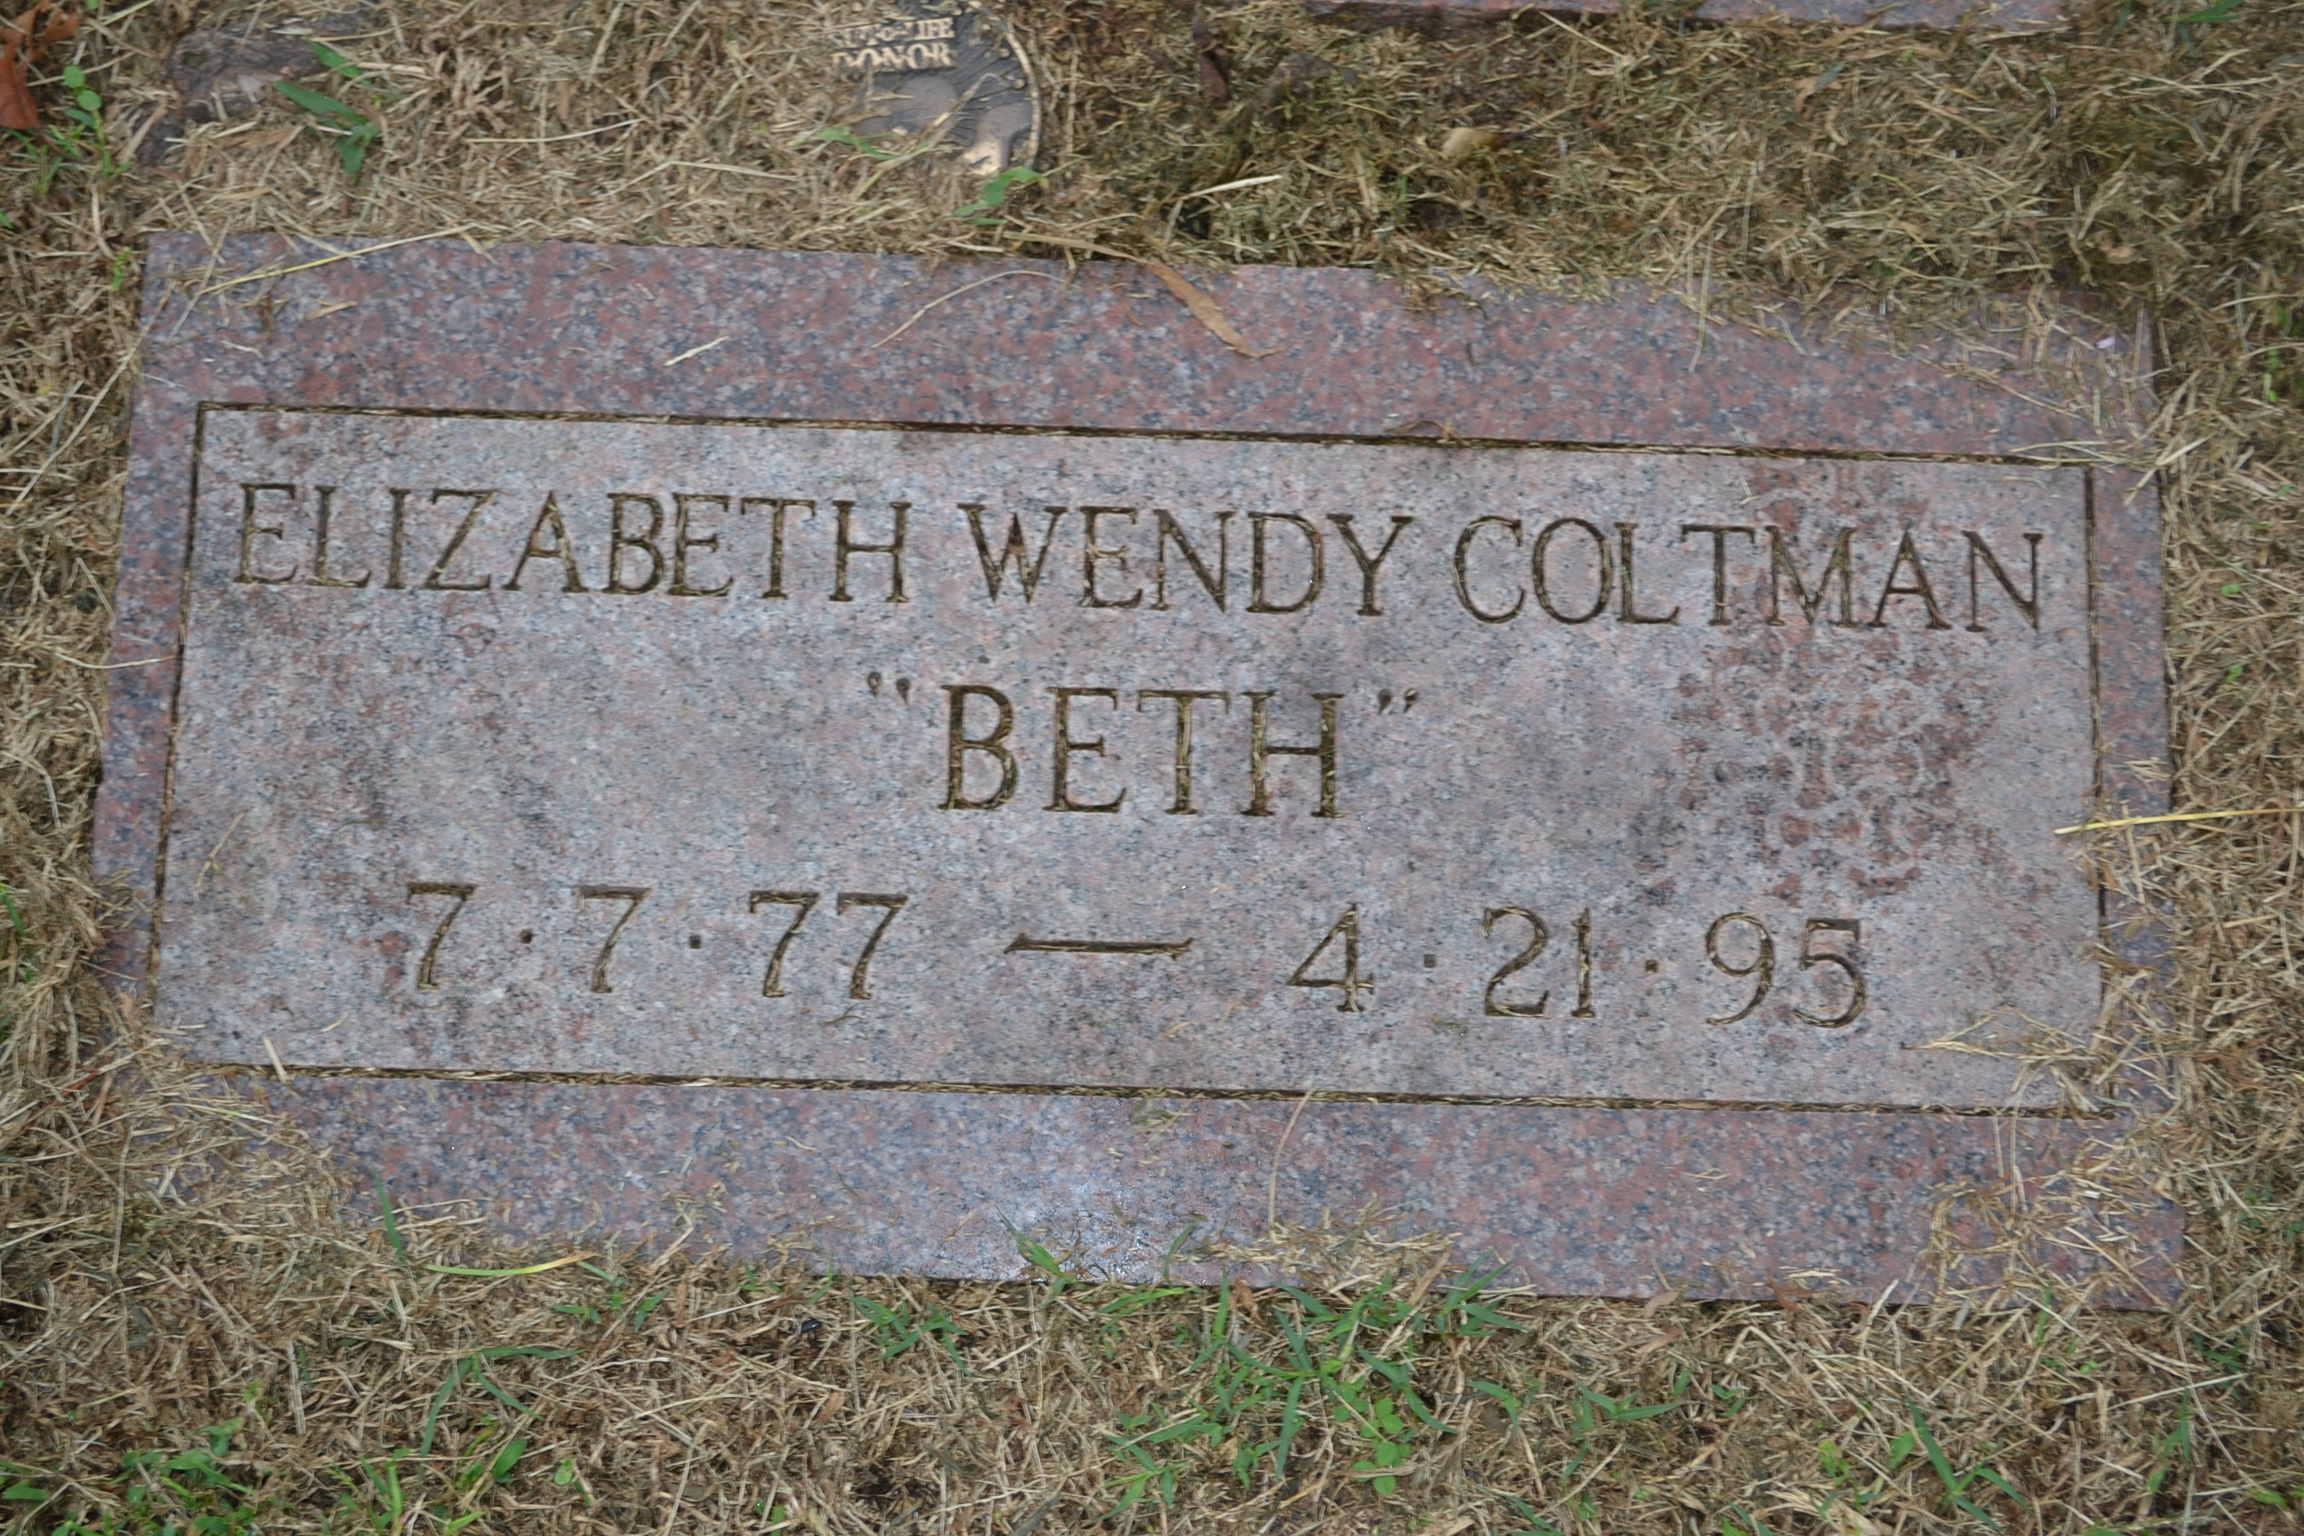 Elizabeth Wendy Beth Coltman